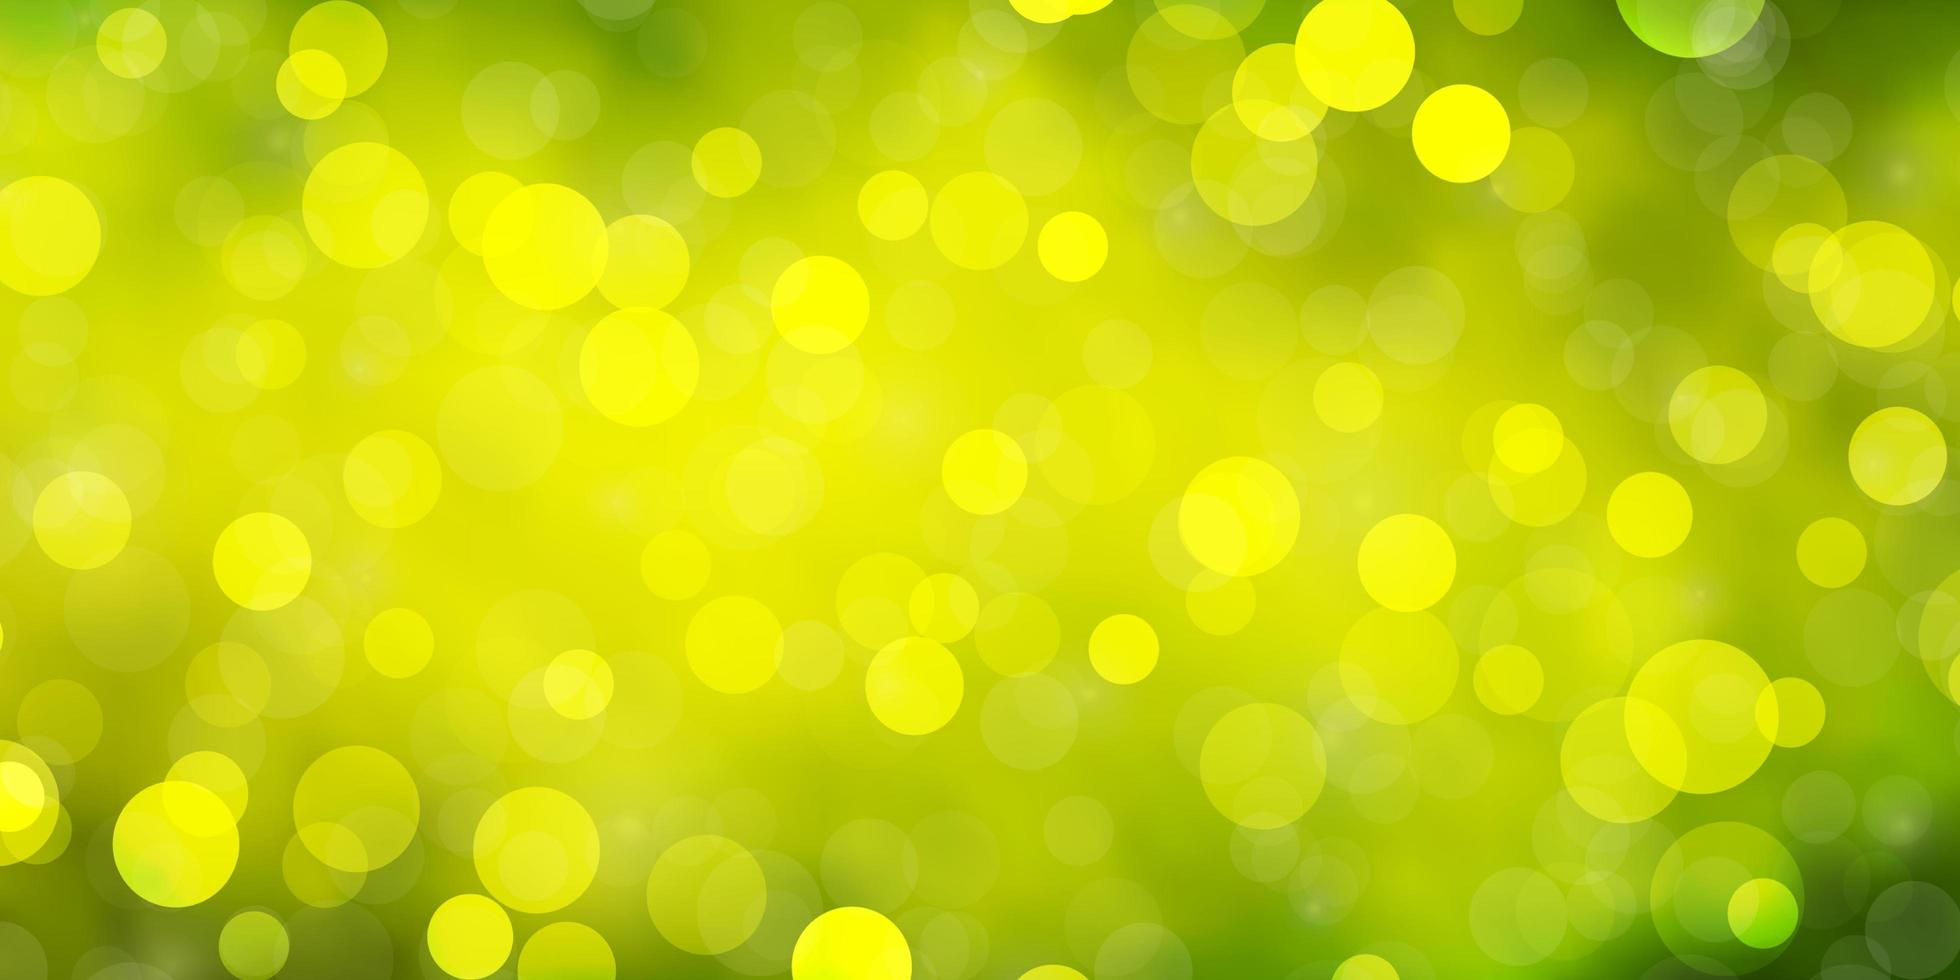 ljusgrönt, gult vektormönster med cirklar. vektor